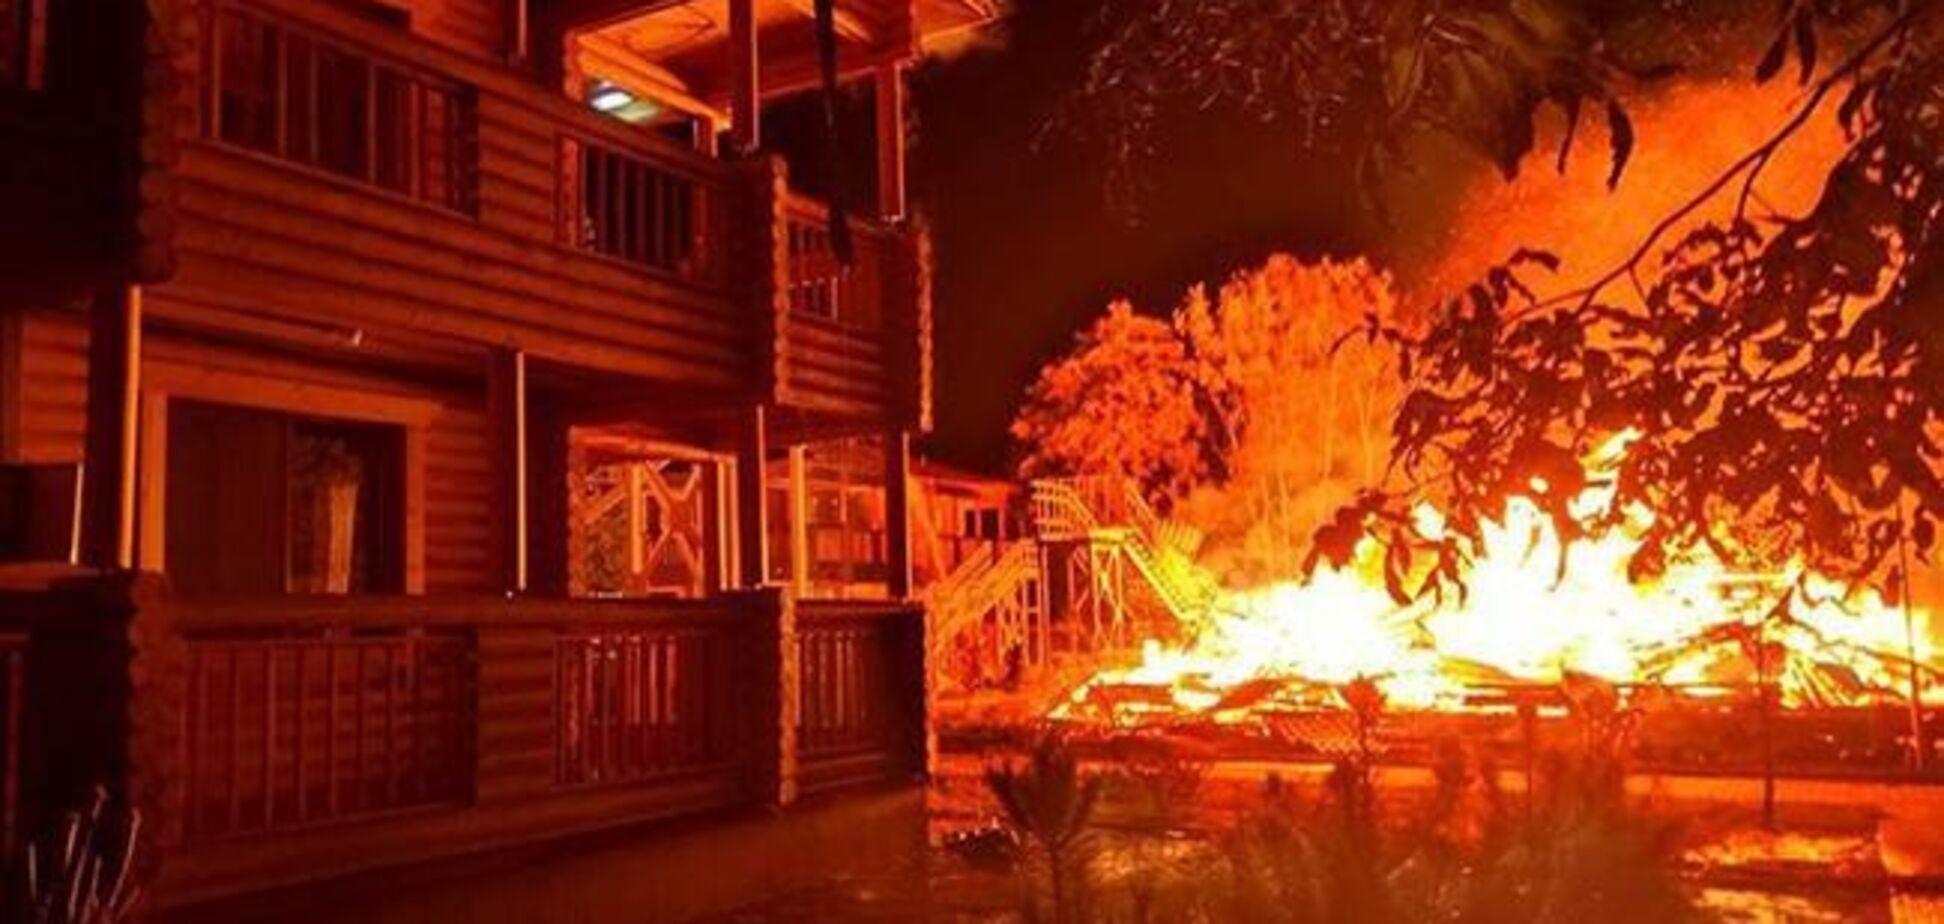 'Працівниками Державтоінспекції зафіксовано 26 порушень': названа ймовірна причина пожежі в 'Вікторії'